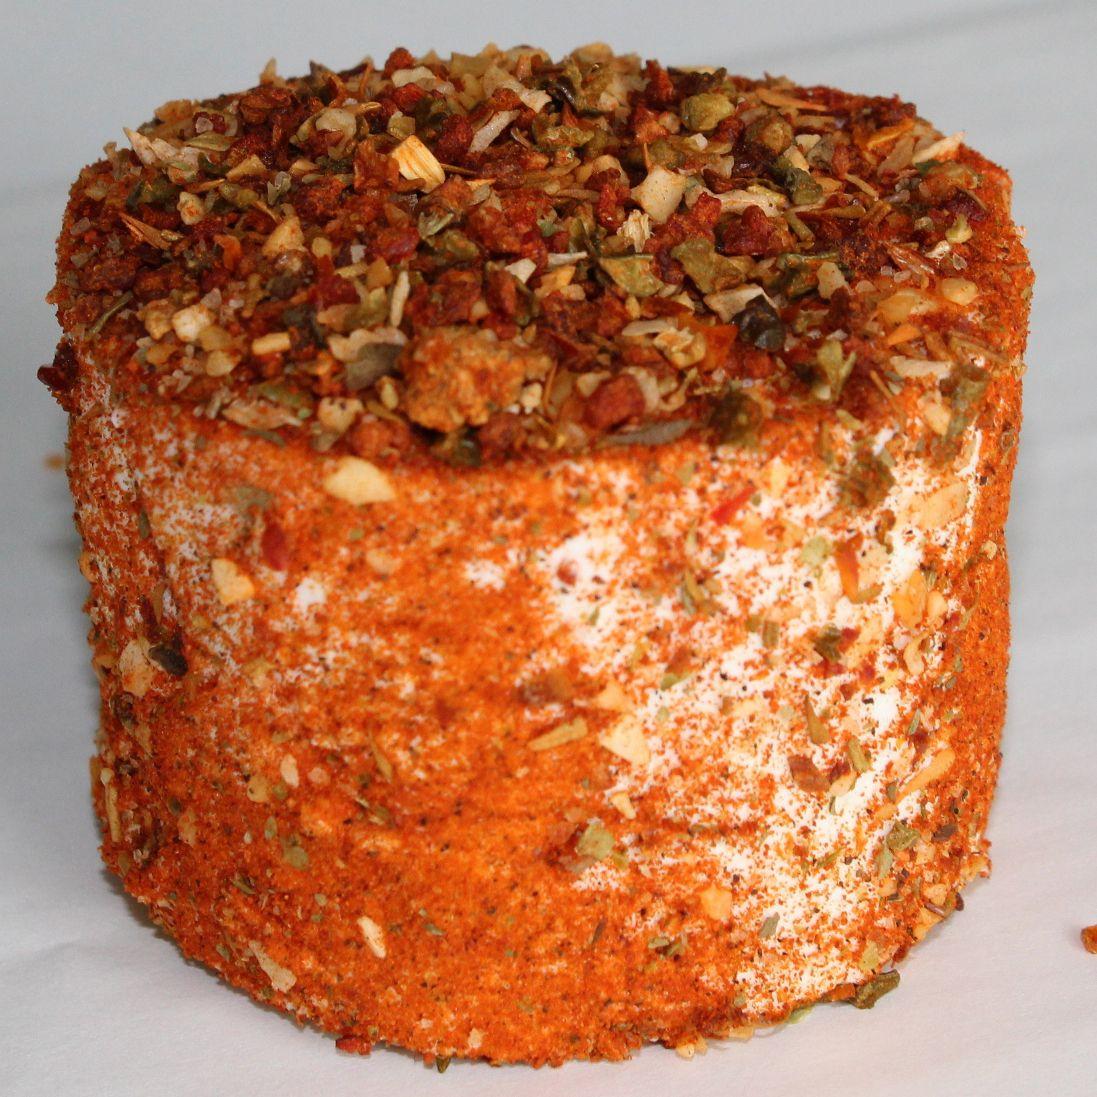 Crottin frais de chèvre épicé Mexicain de la Chèvrerie des coteaux